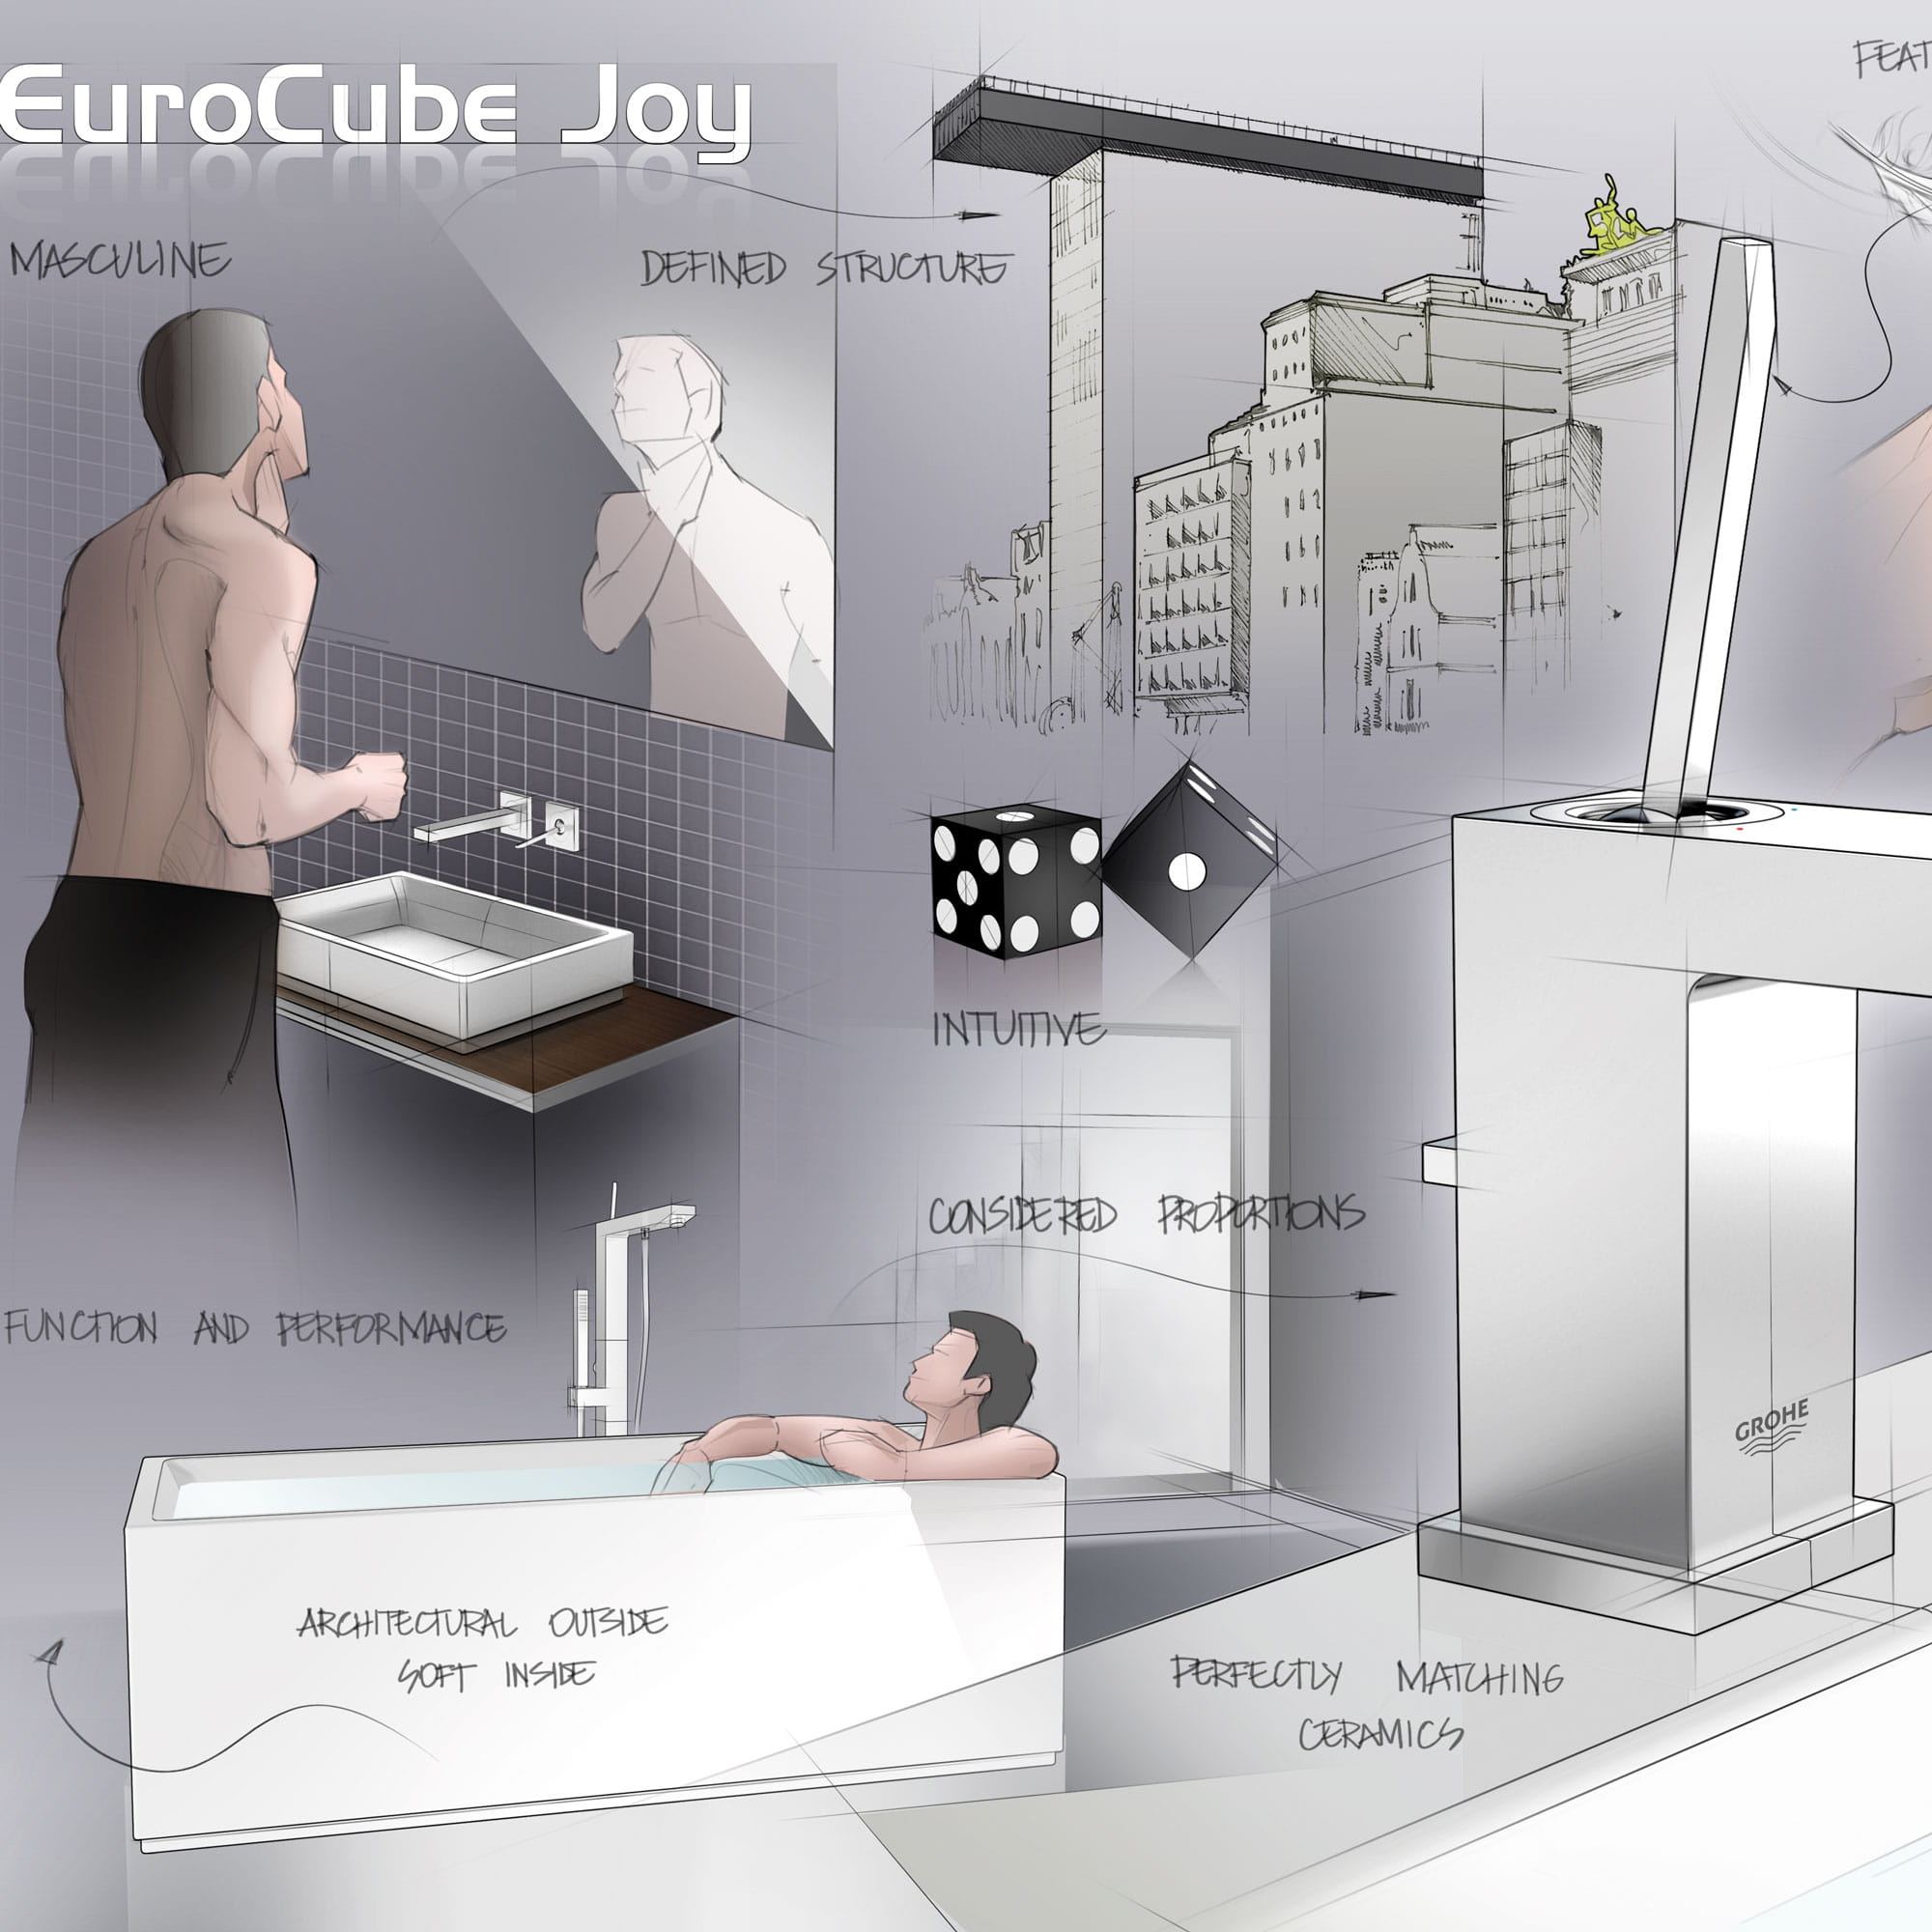 Eurocube-joy